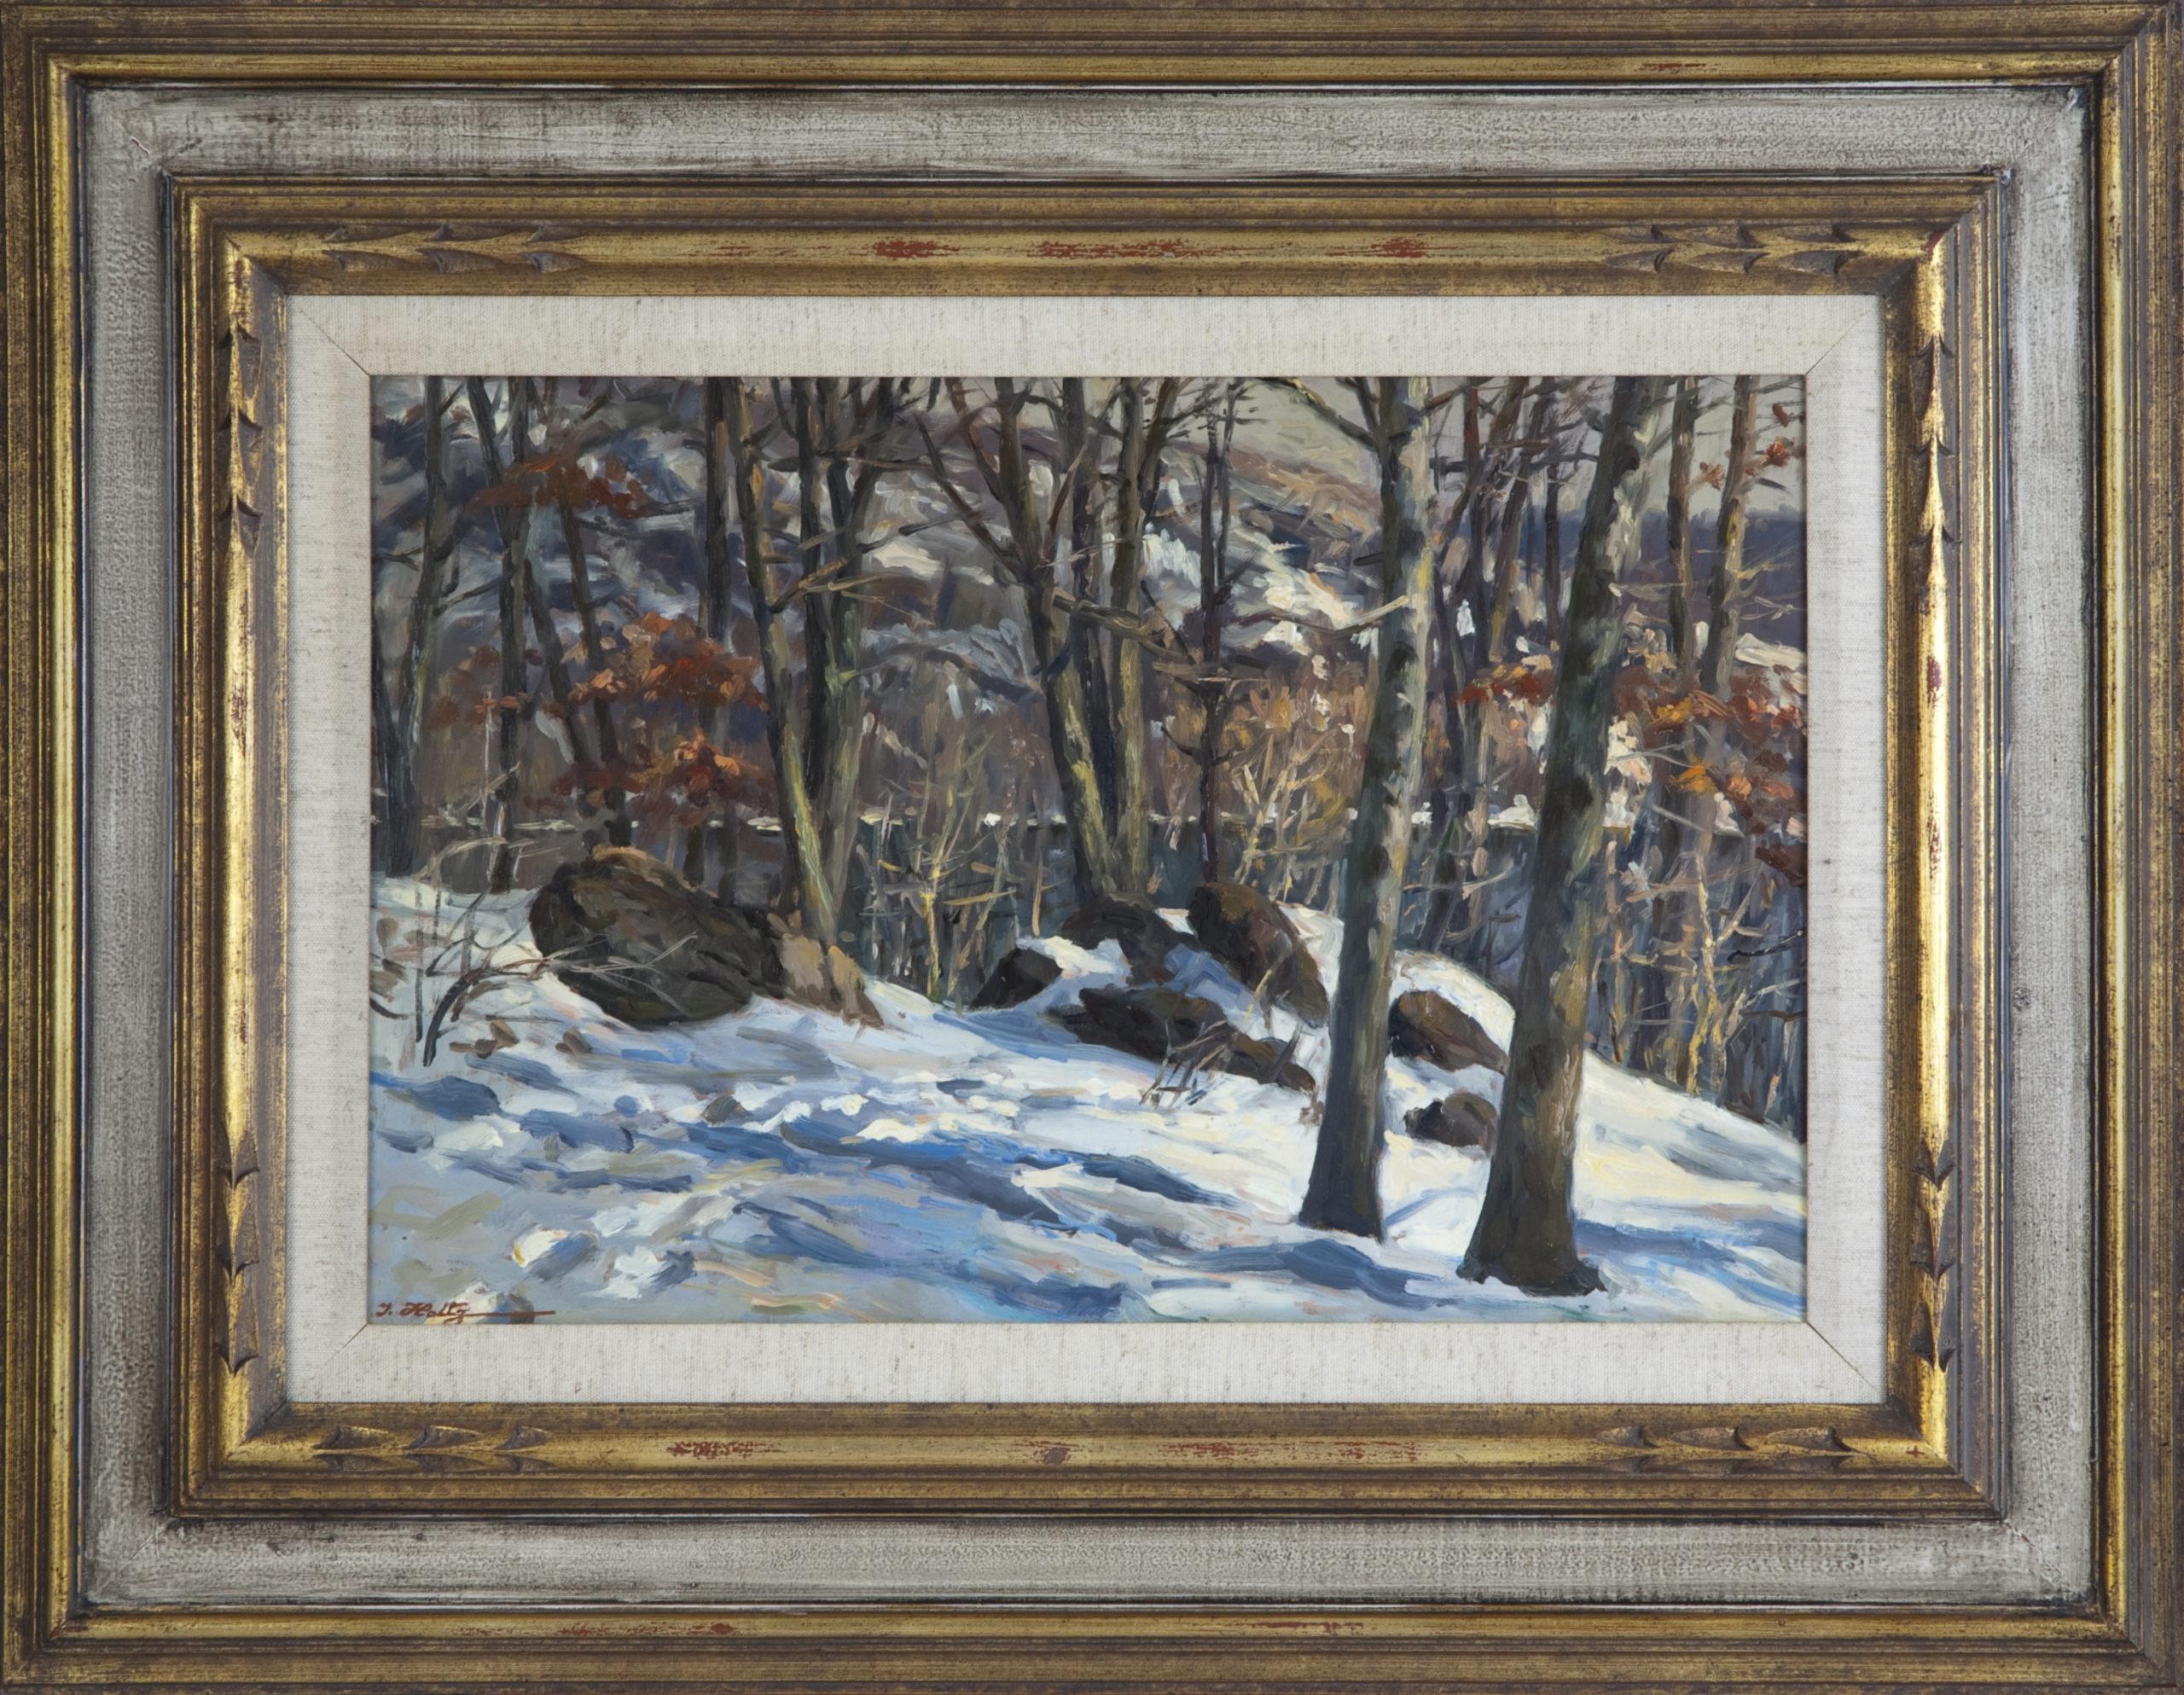 139 Bear Mountain 1966 - Oil on Masonite - 18 x 12 - Frame: 27 x 20.5 x 1.5